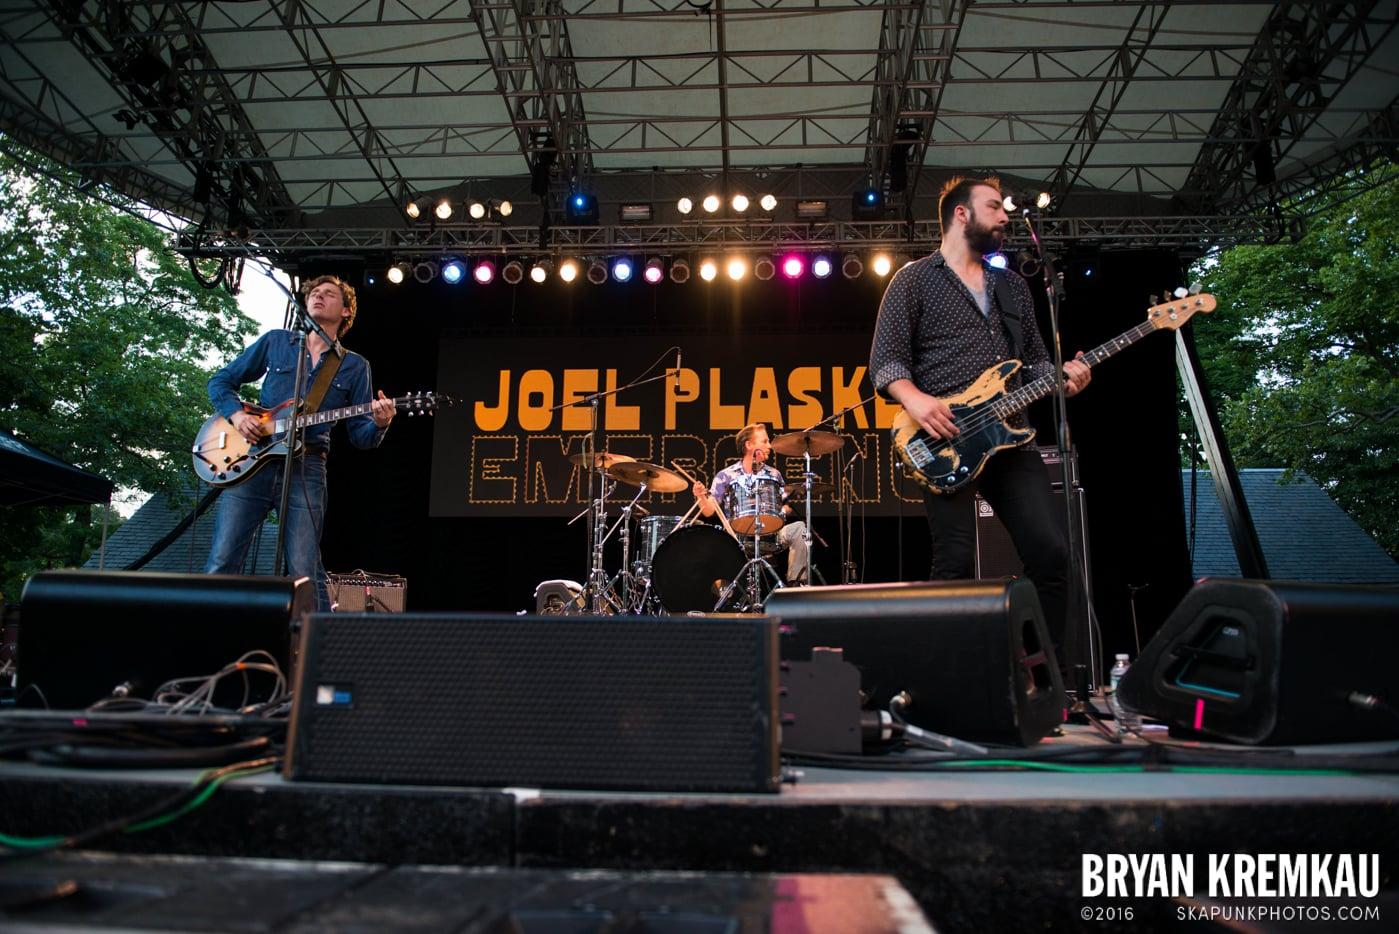 Joel Plaskett Emergency @ Central Park Summer Stage, NYC - 6.29.13 (11)